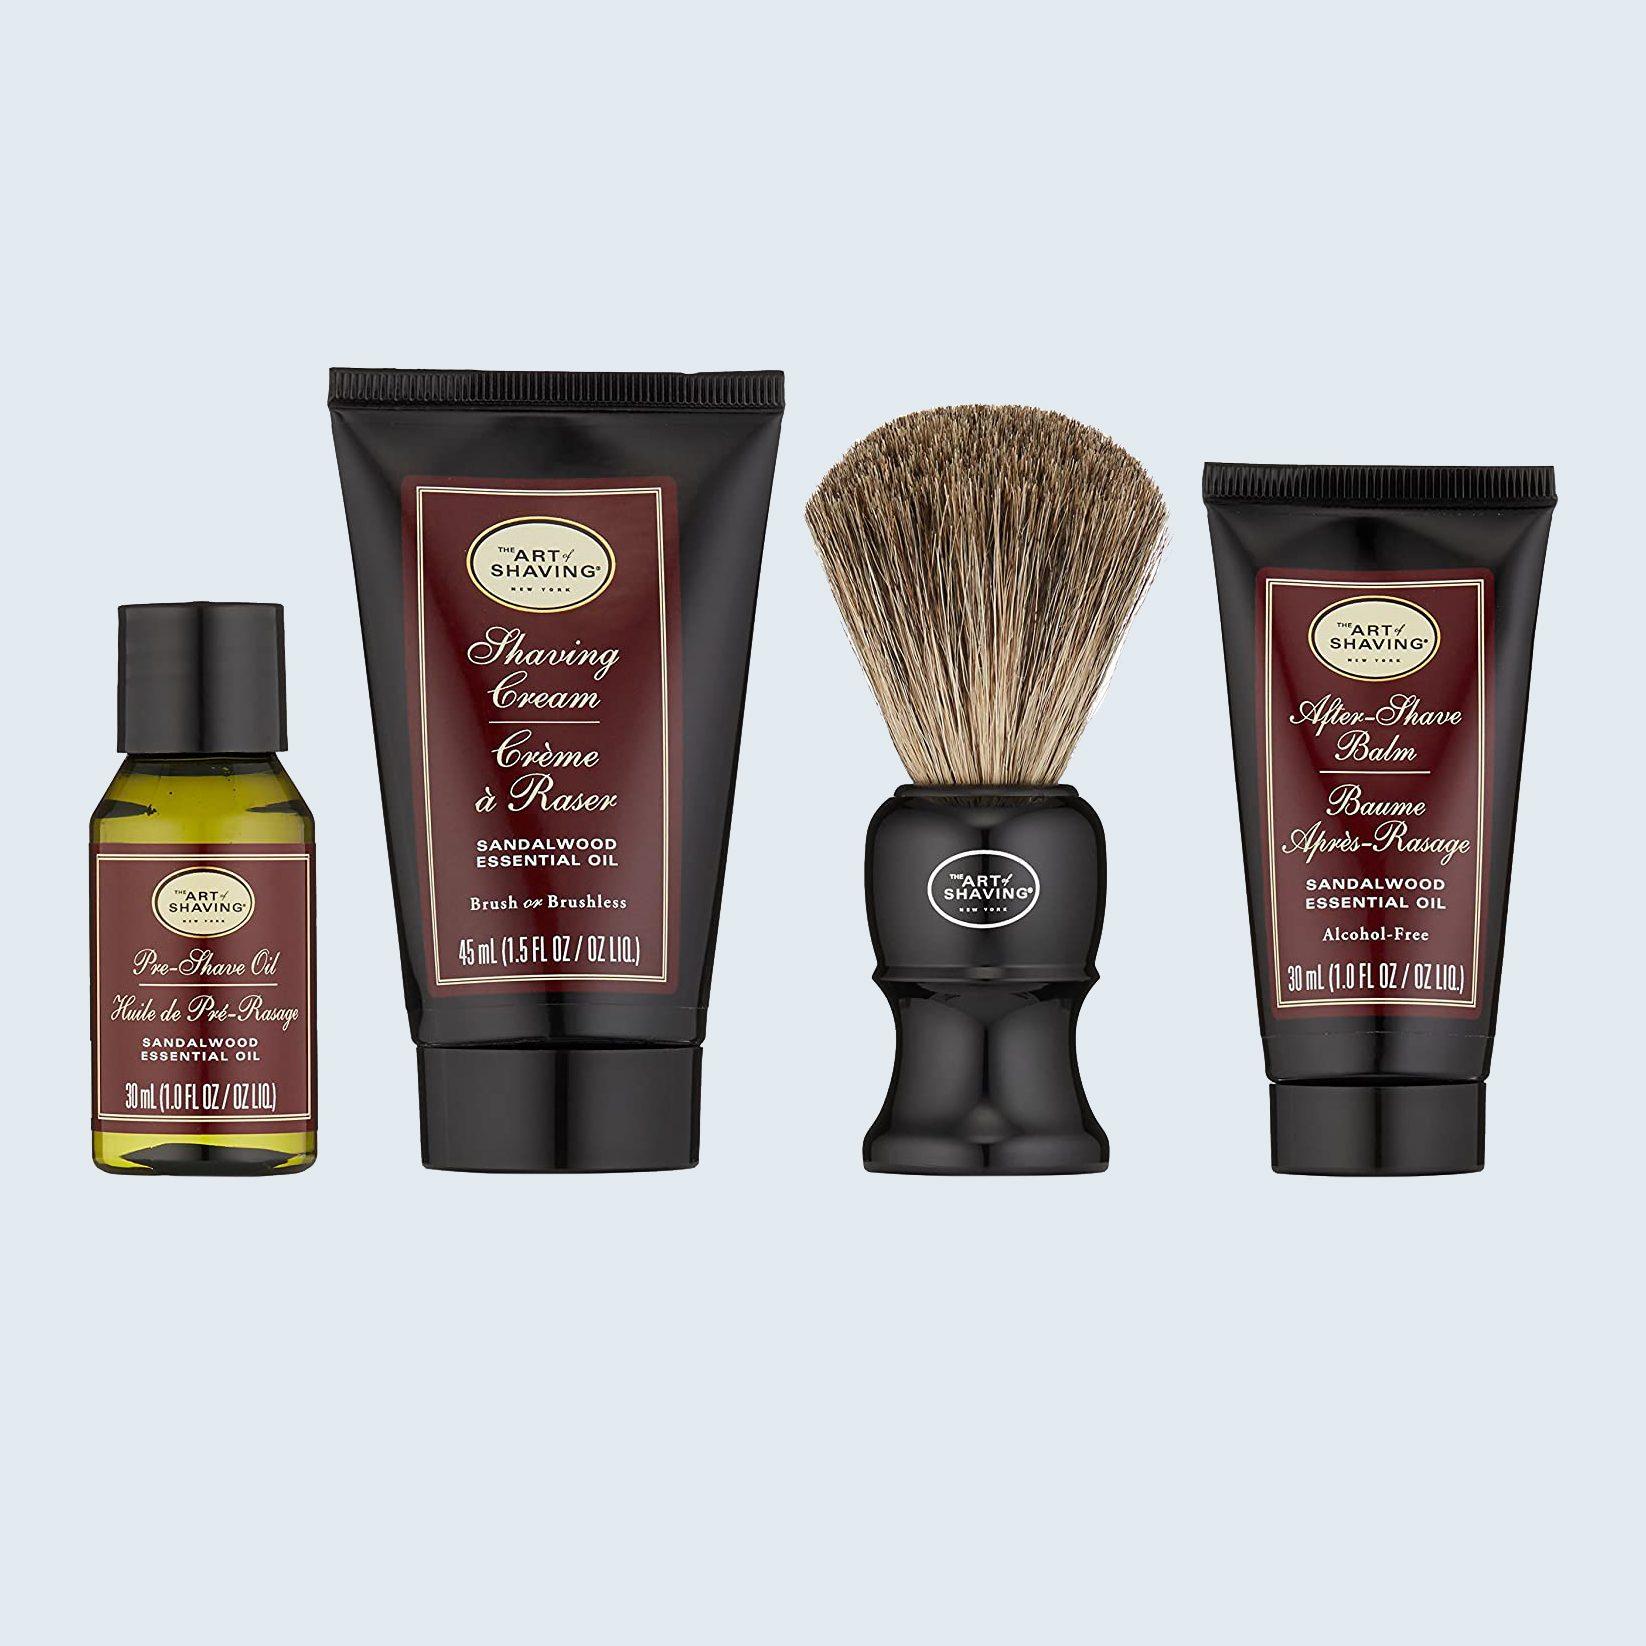 The Art of Shaving Sandalwood Shaving Kit